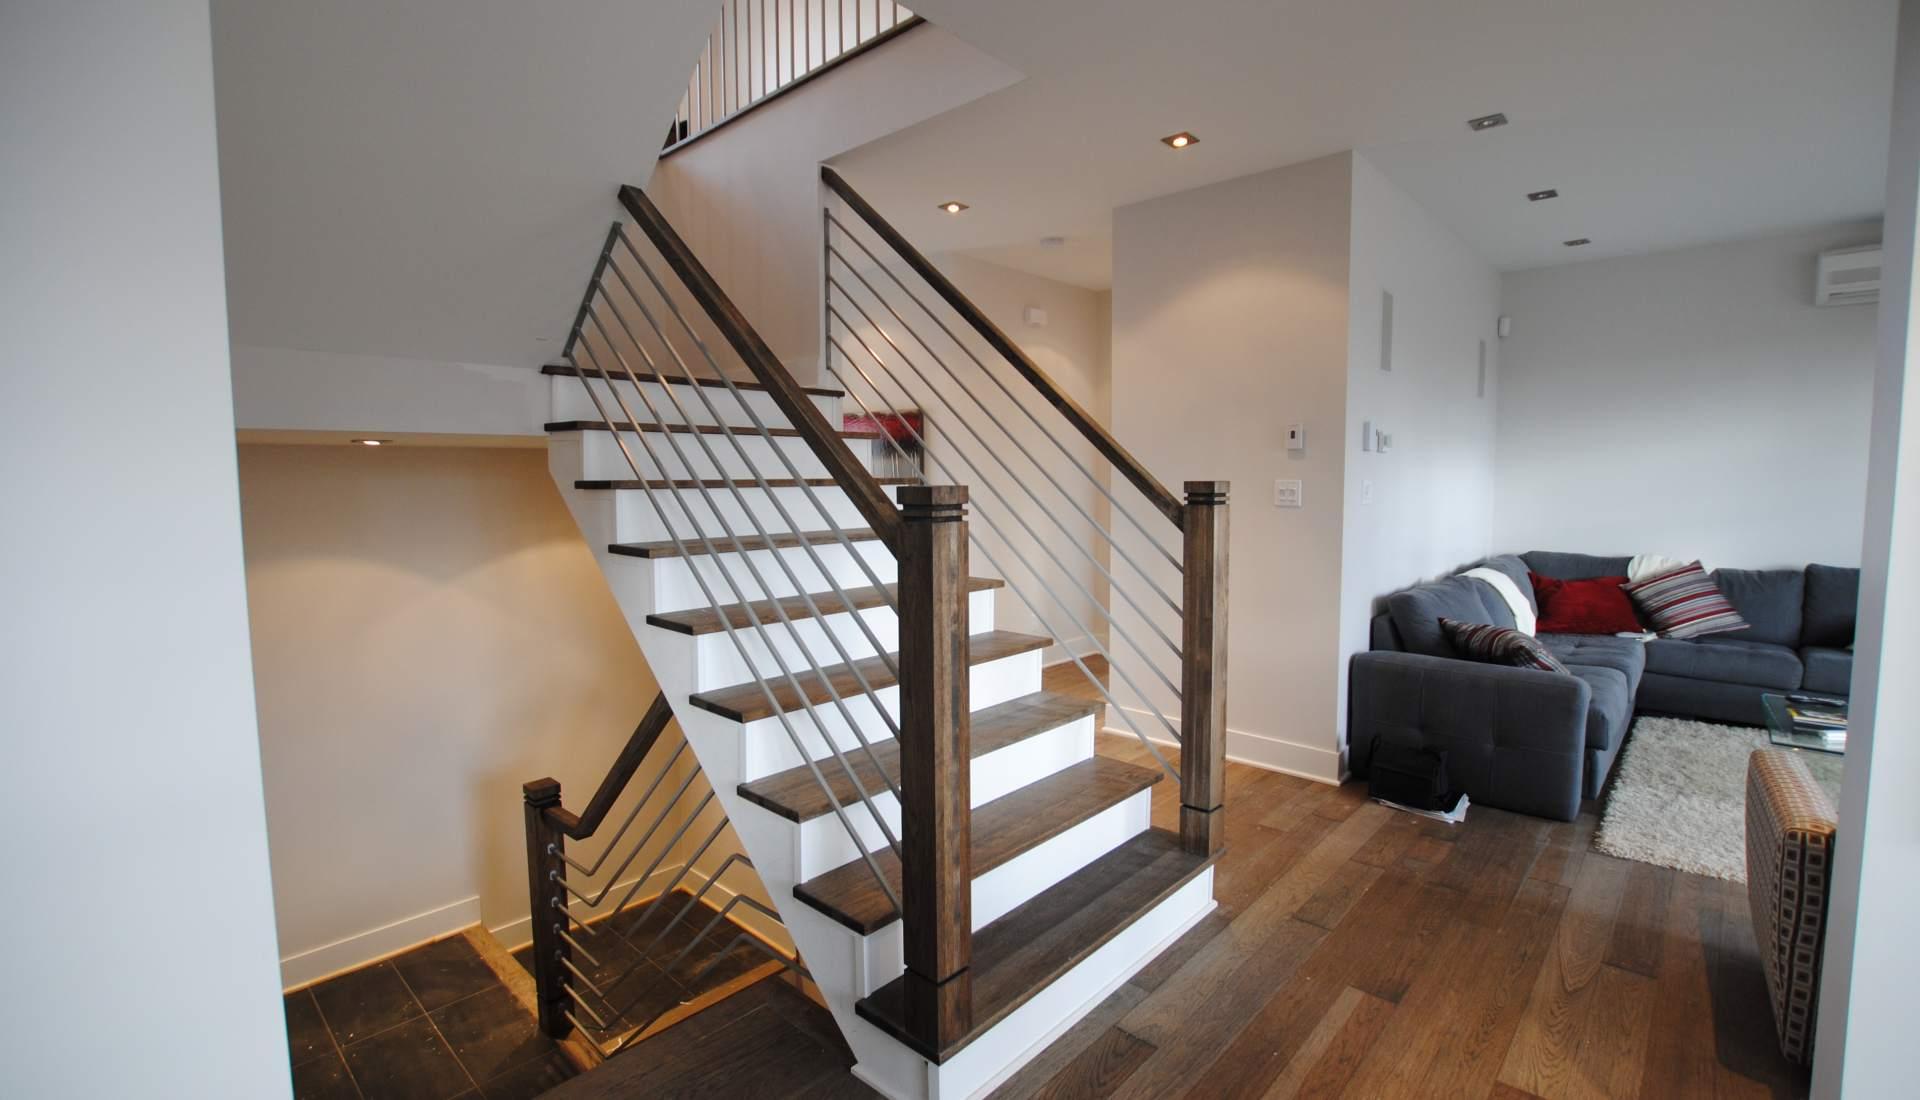 Лестница на второй этаж в доме на металлическом каркасе с деревом